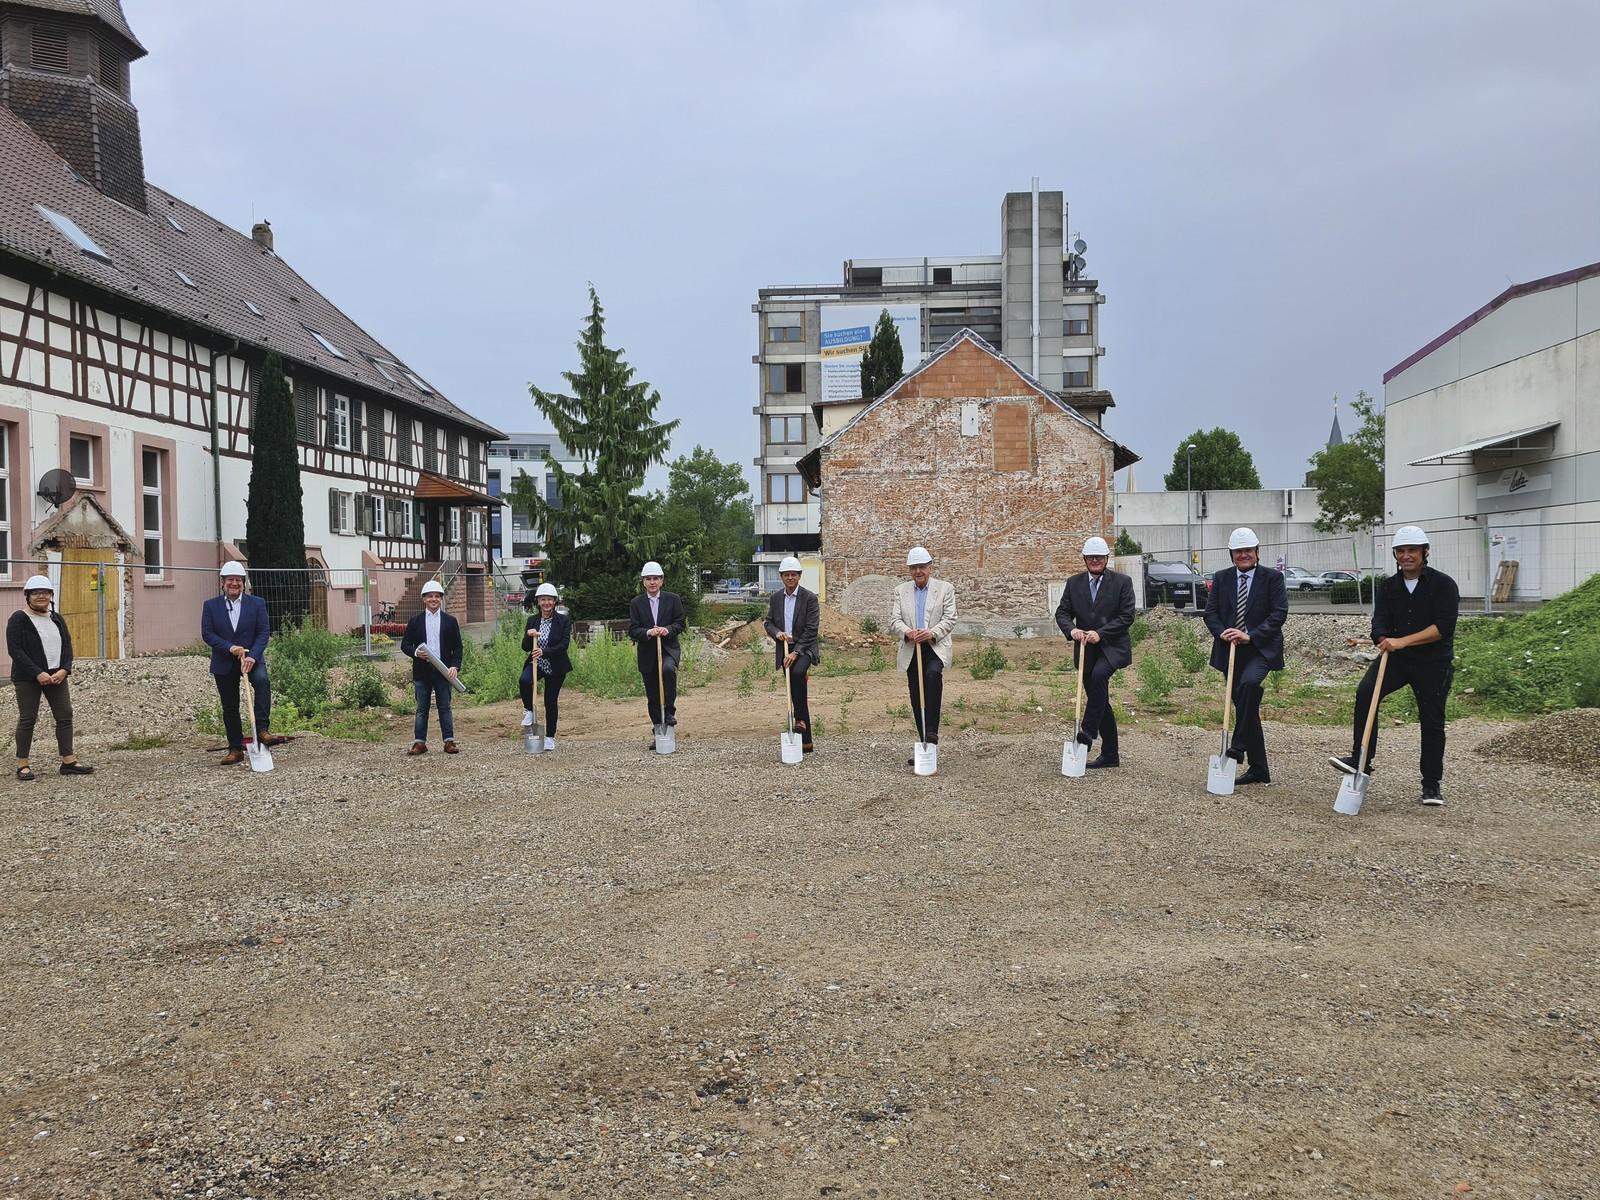 Diakonie Kork: Startschuss für Neubau